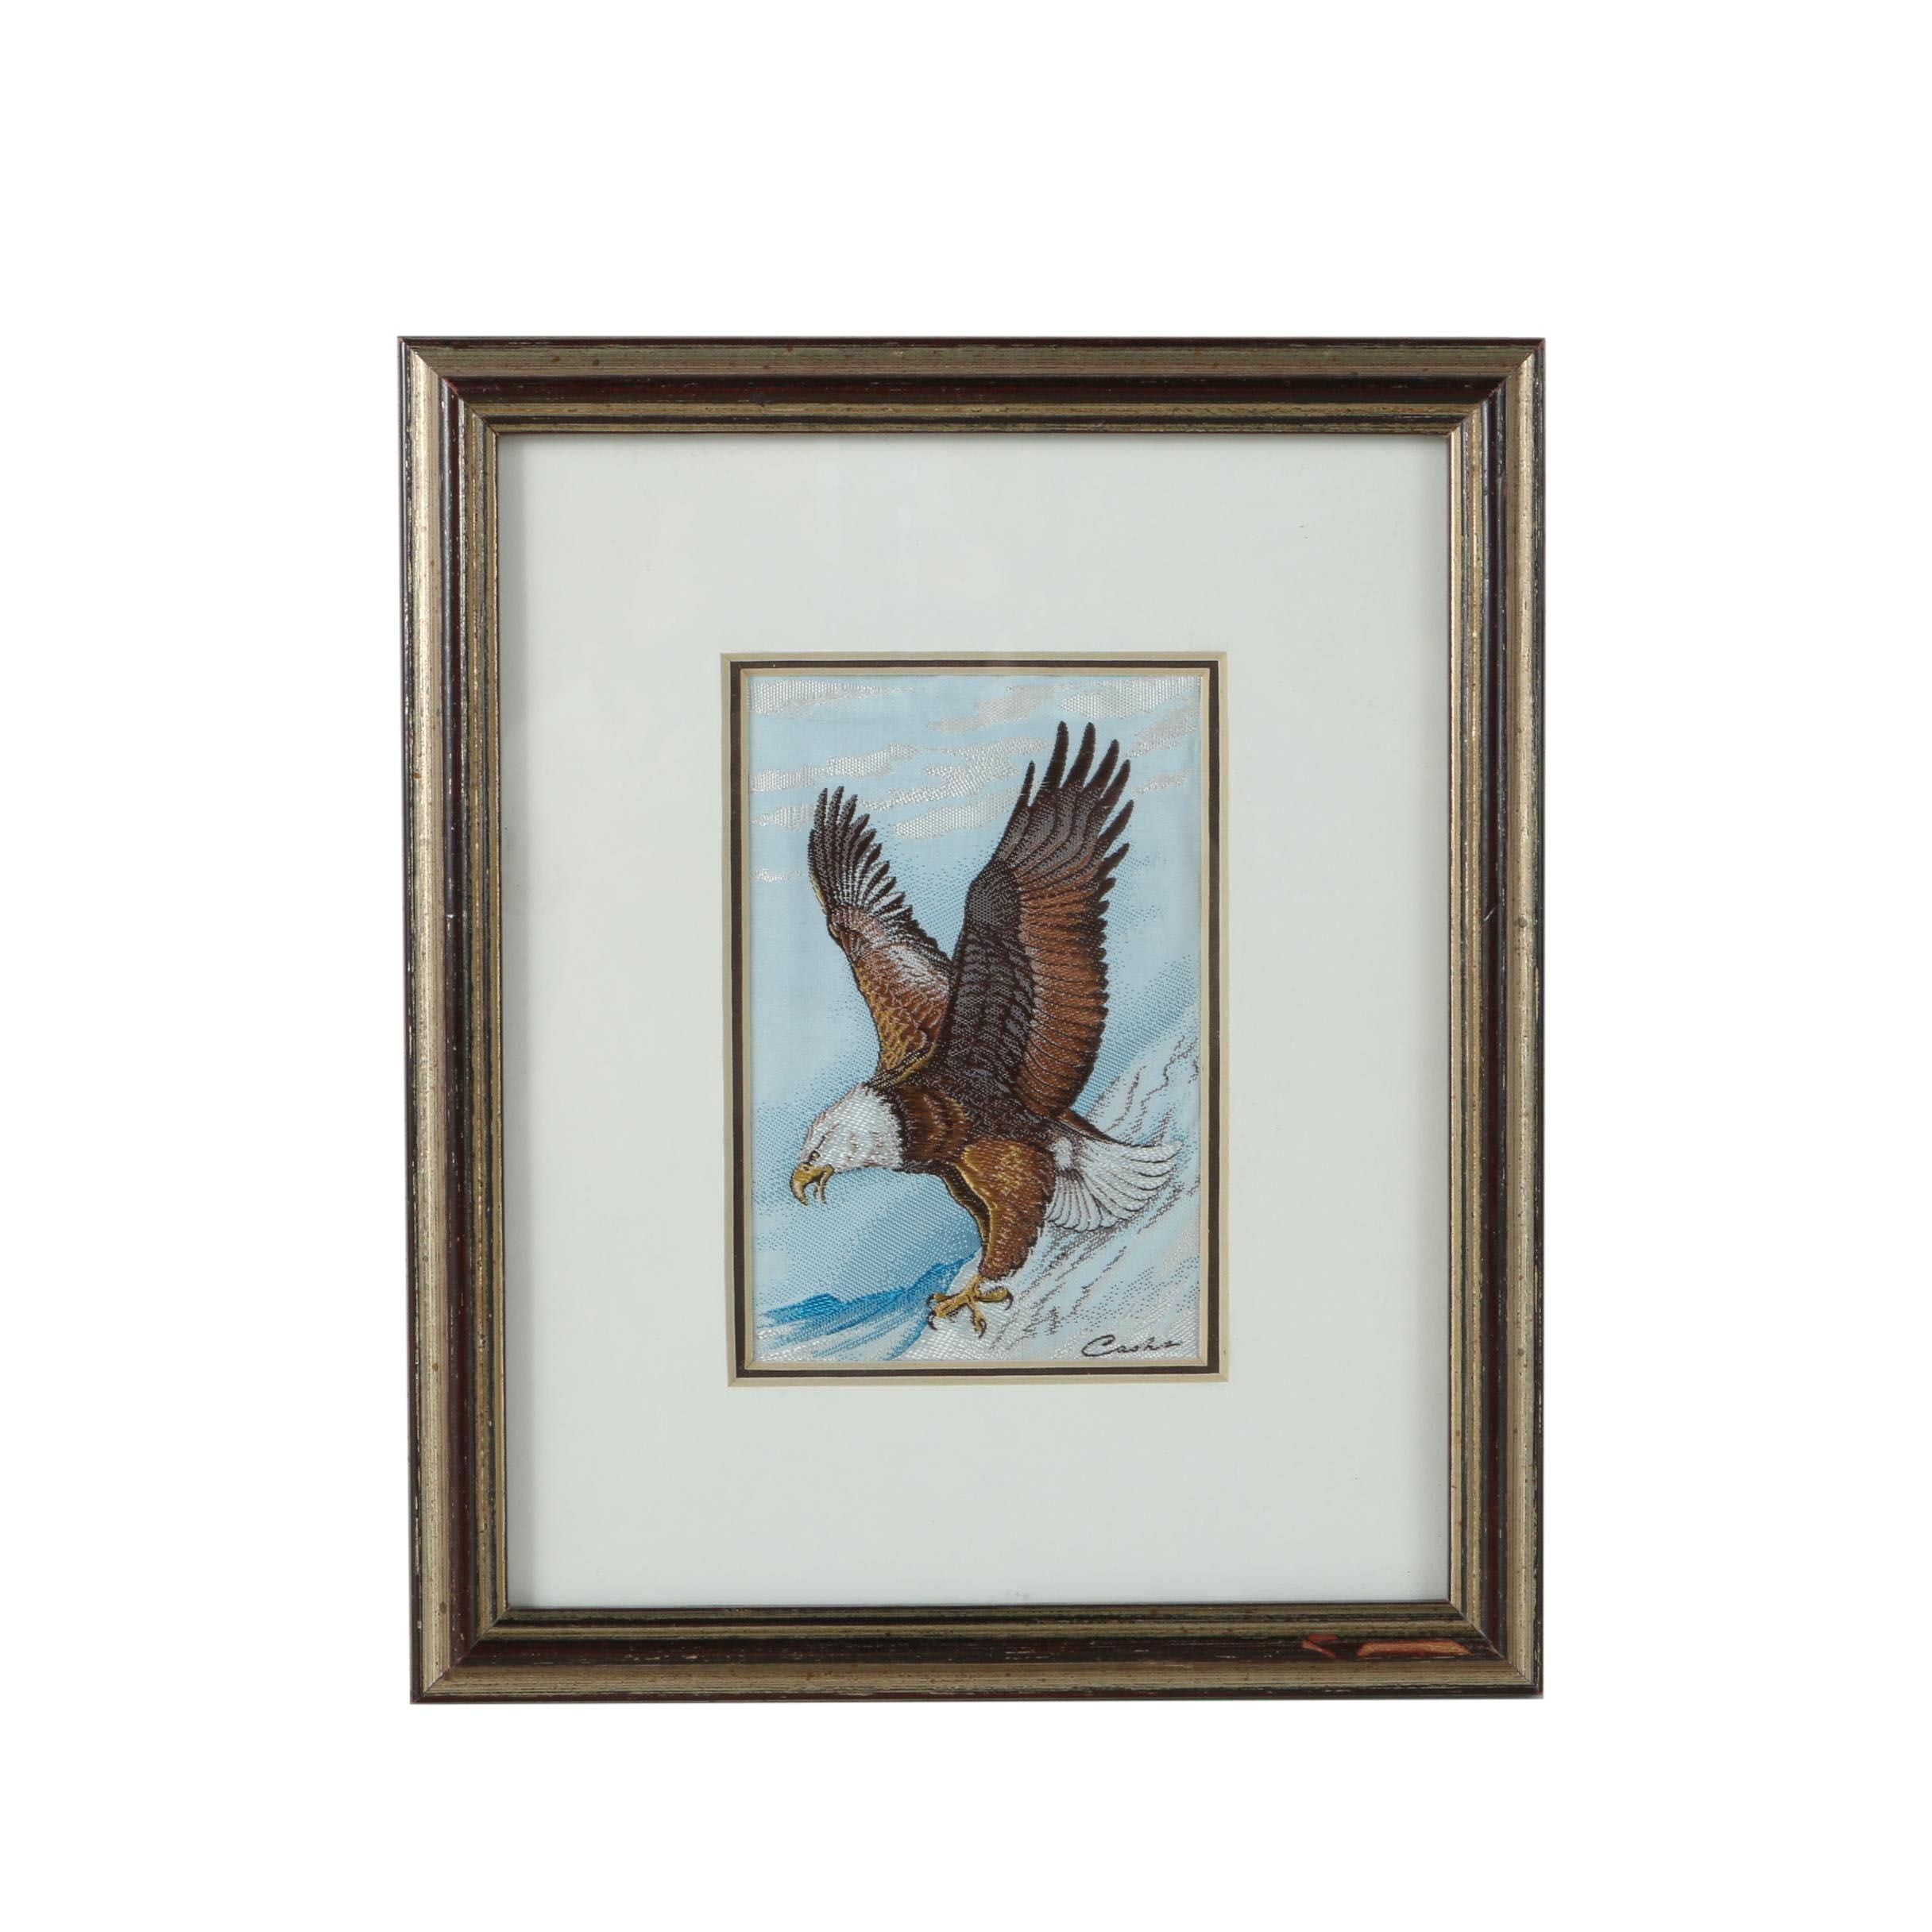 Woven Textile of a a Bald Eagle